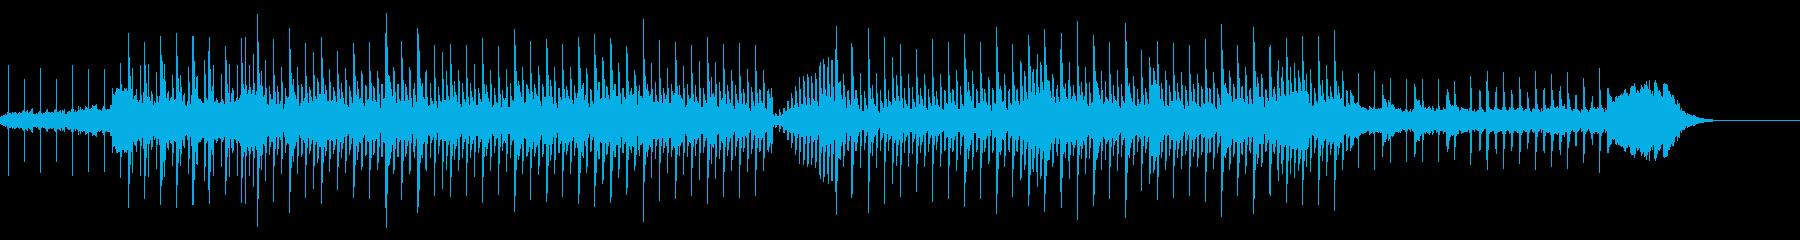 ベル/明るいアップテンポな曲 製品紹介の再生済みの波形